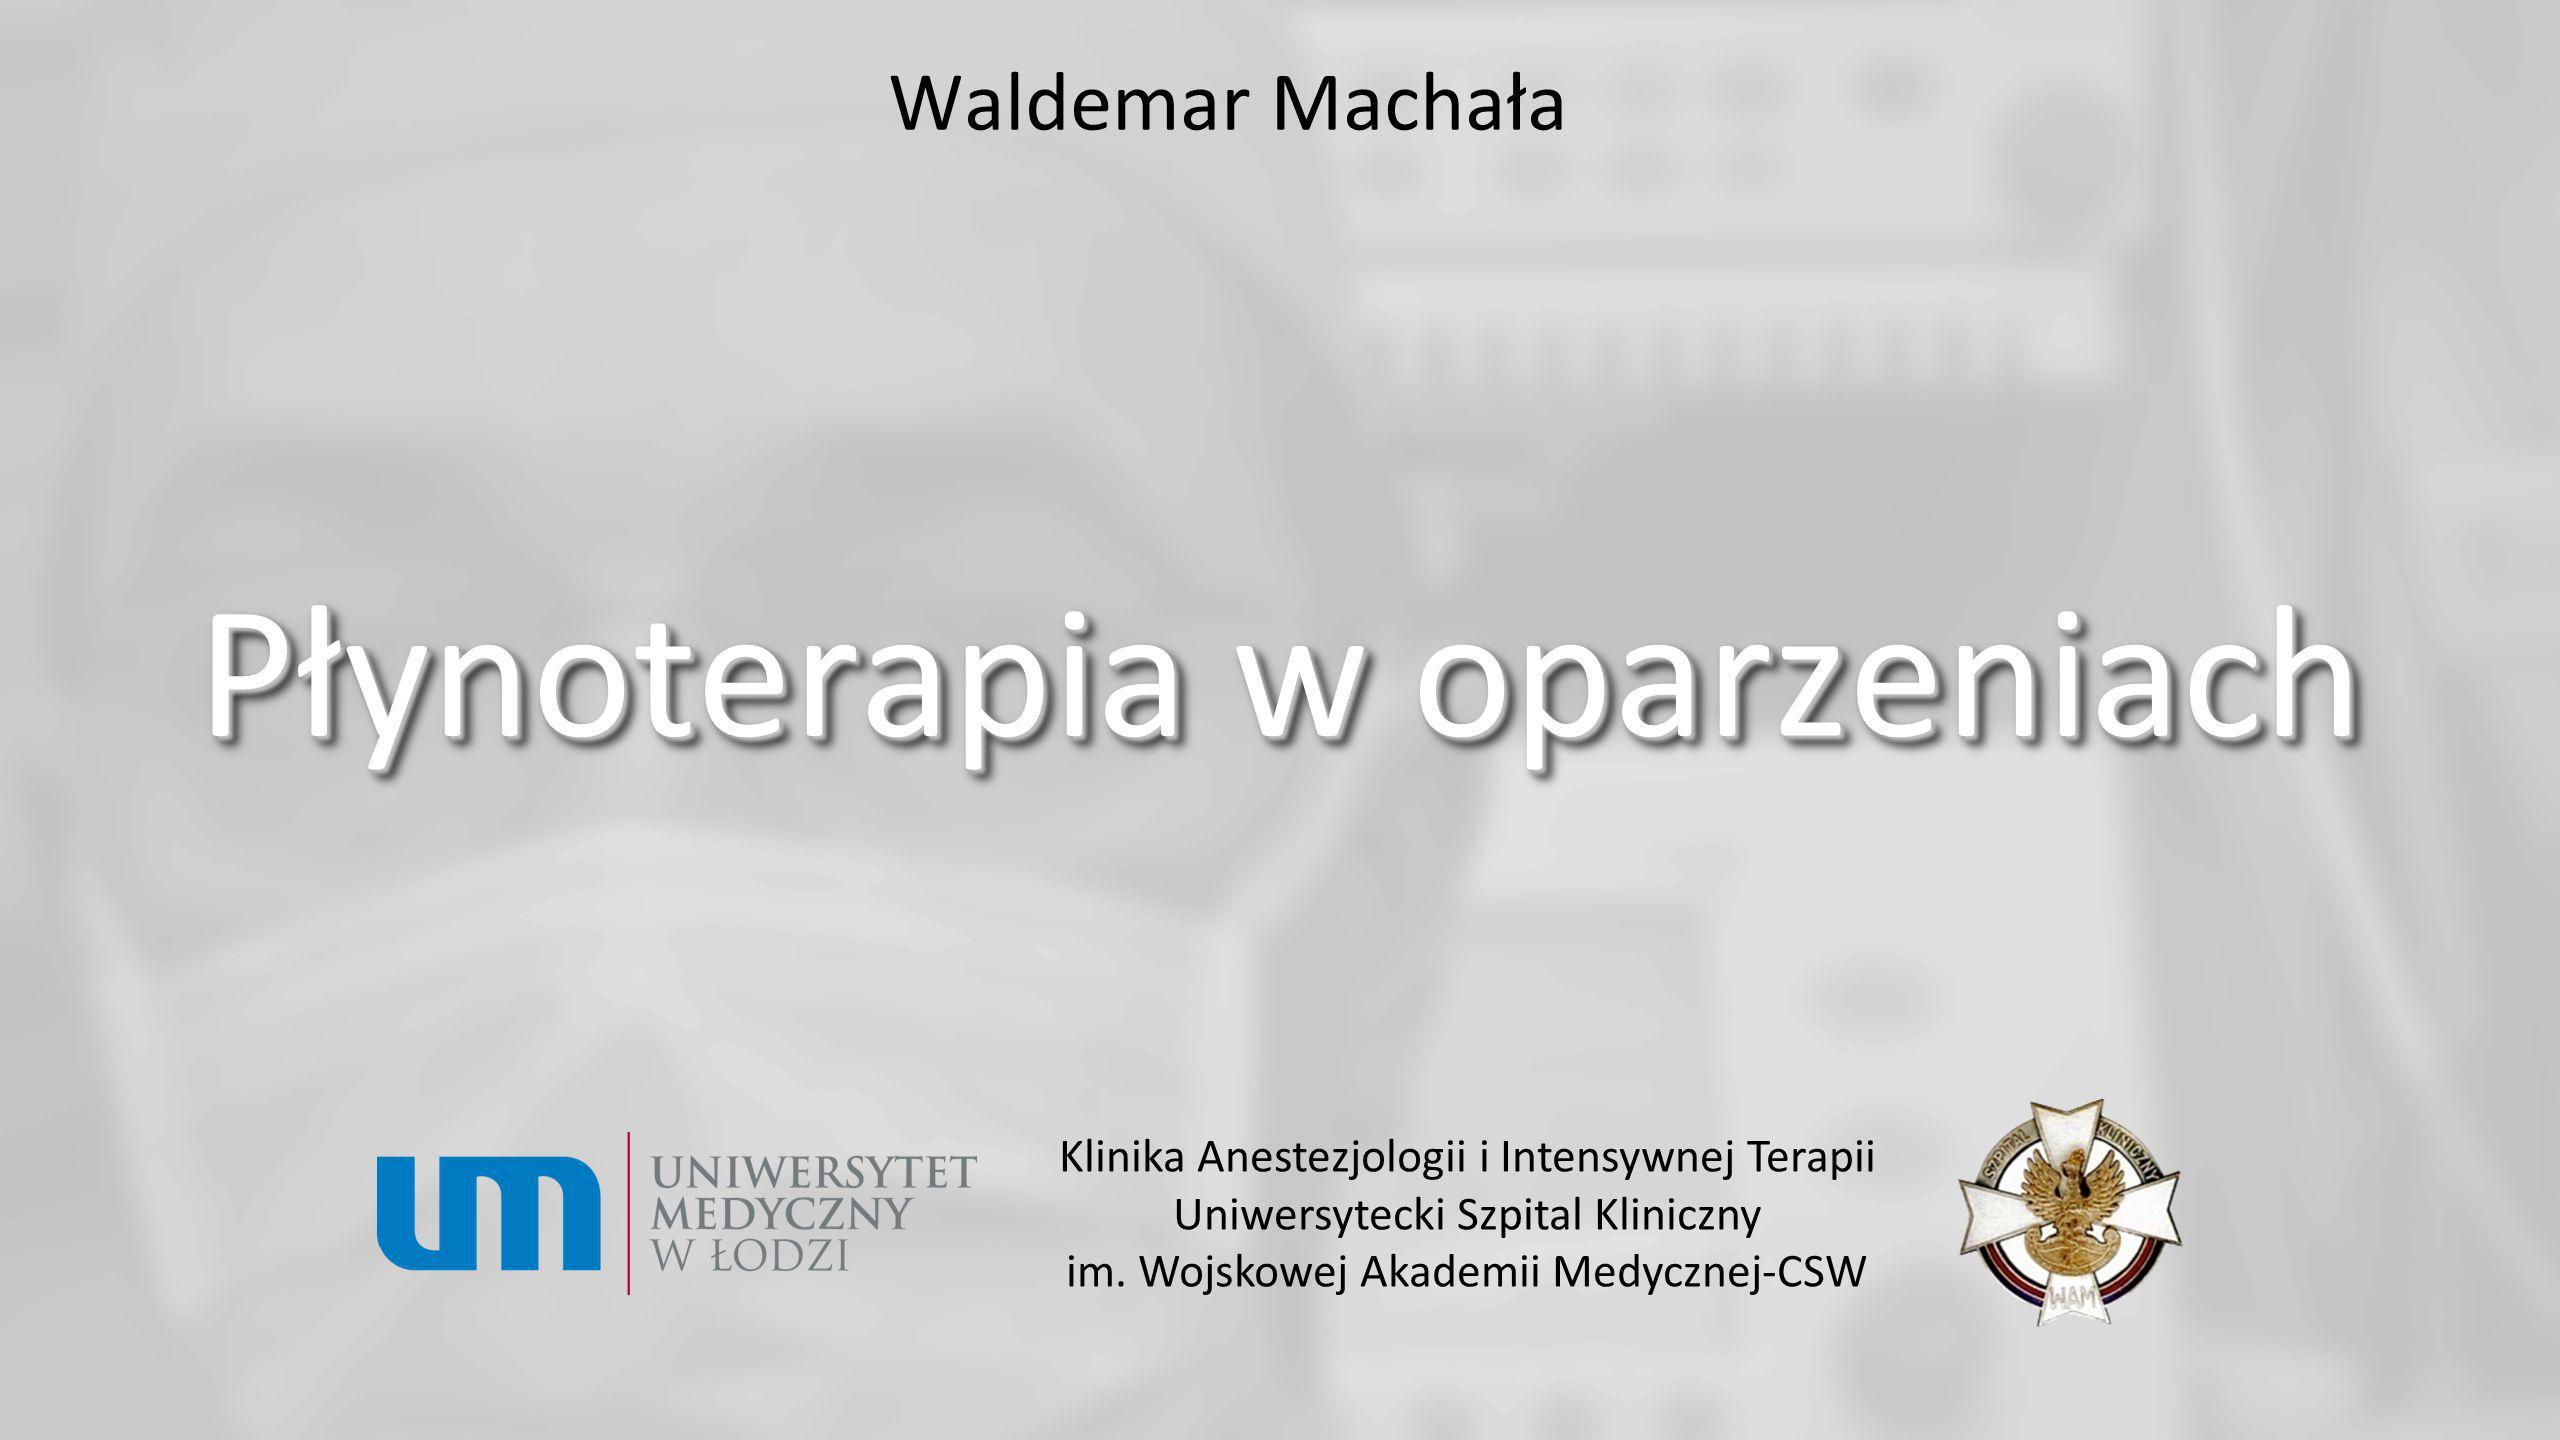 Waldemar Machała Płynoterapia w oparzeniach Klinika Anestezjologii i Intensywnej Terapii Uniwersytecki Szpital Kliniczny im. Wojskowej Akademii Medycz